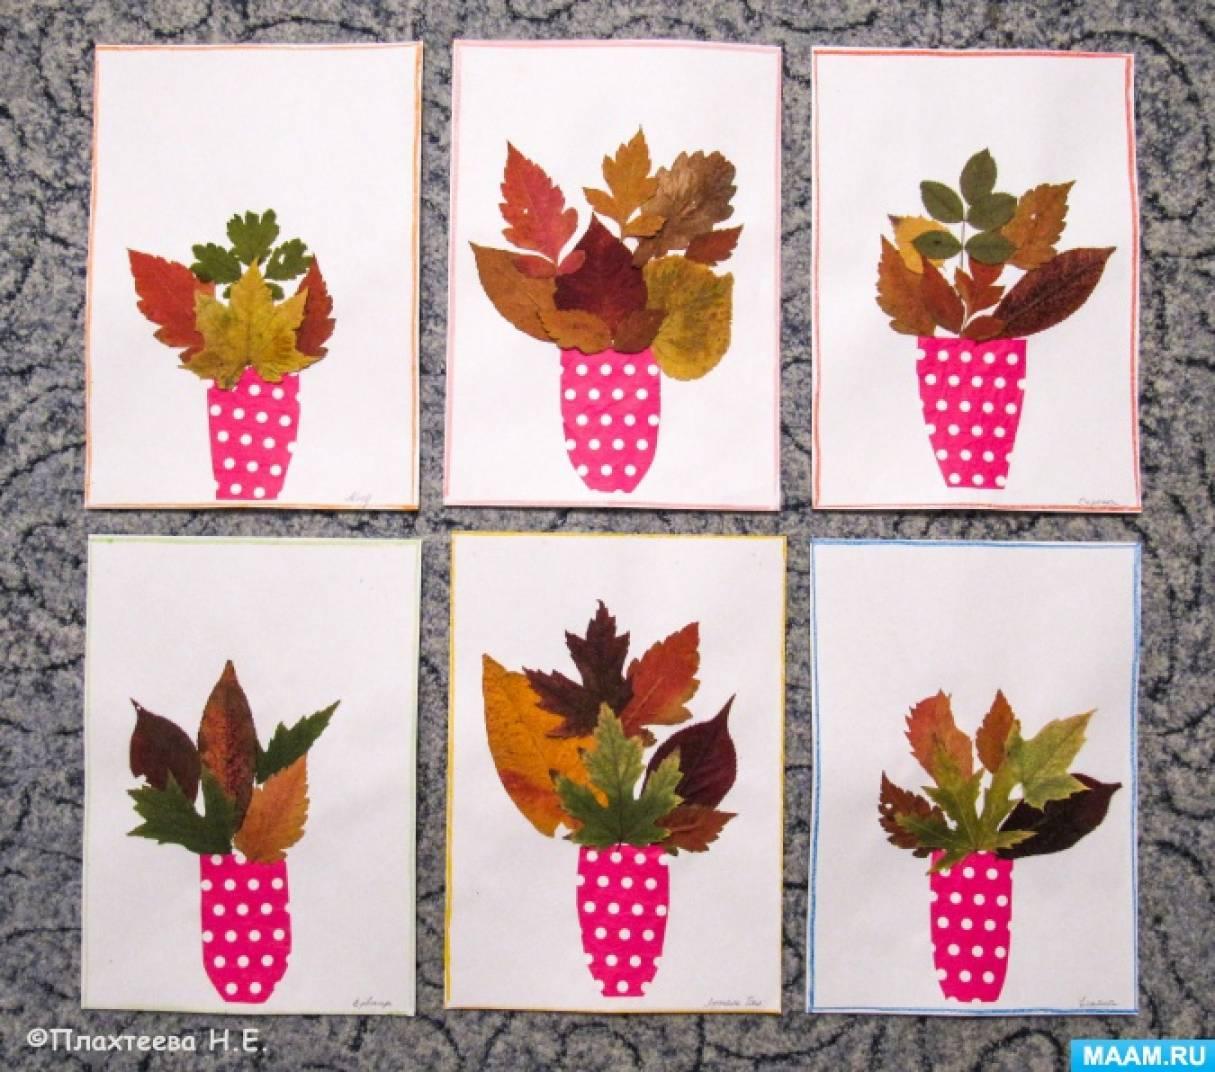 4 сен 2015. Высушенные осенние листья наклеиваем на карточки и составляем гирлянду. Составляем композицию из оранжевых цветов, оранжевых. Сделайте из проволоки и грецких орехов держатели для осенних фото.